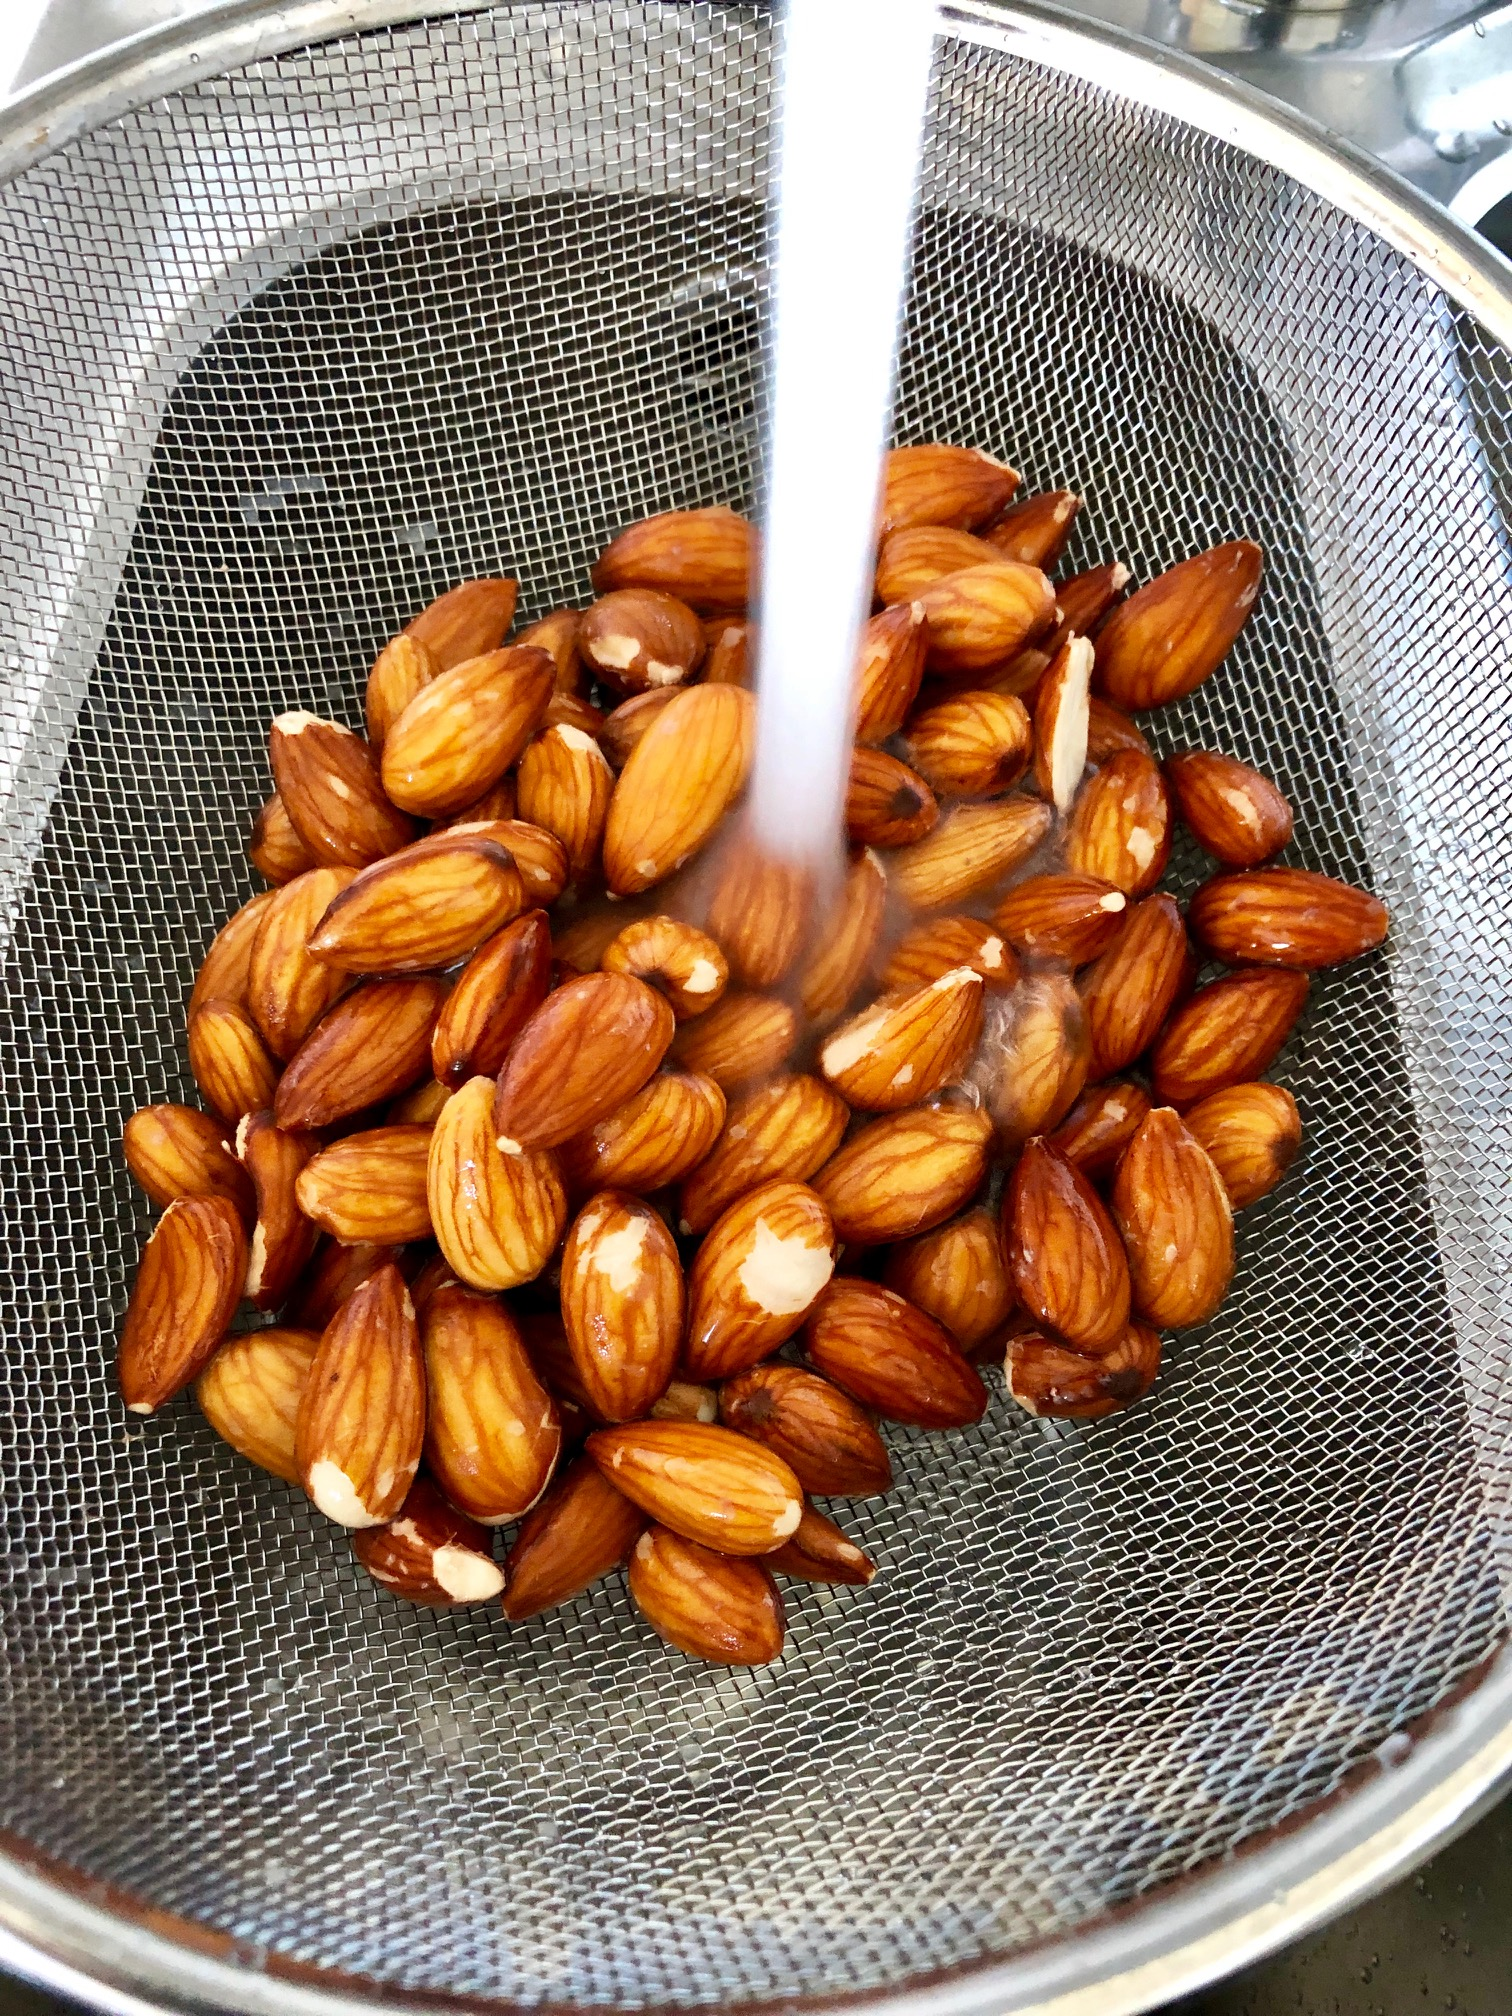 Sköljer blötlägga nötter